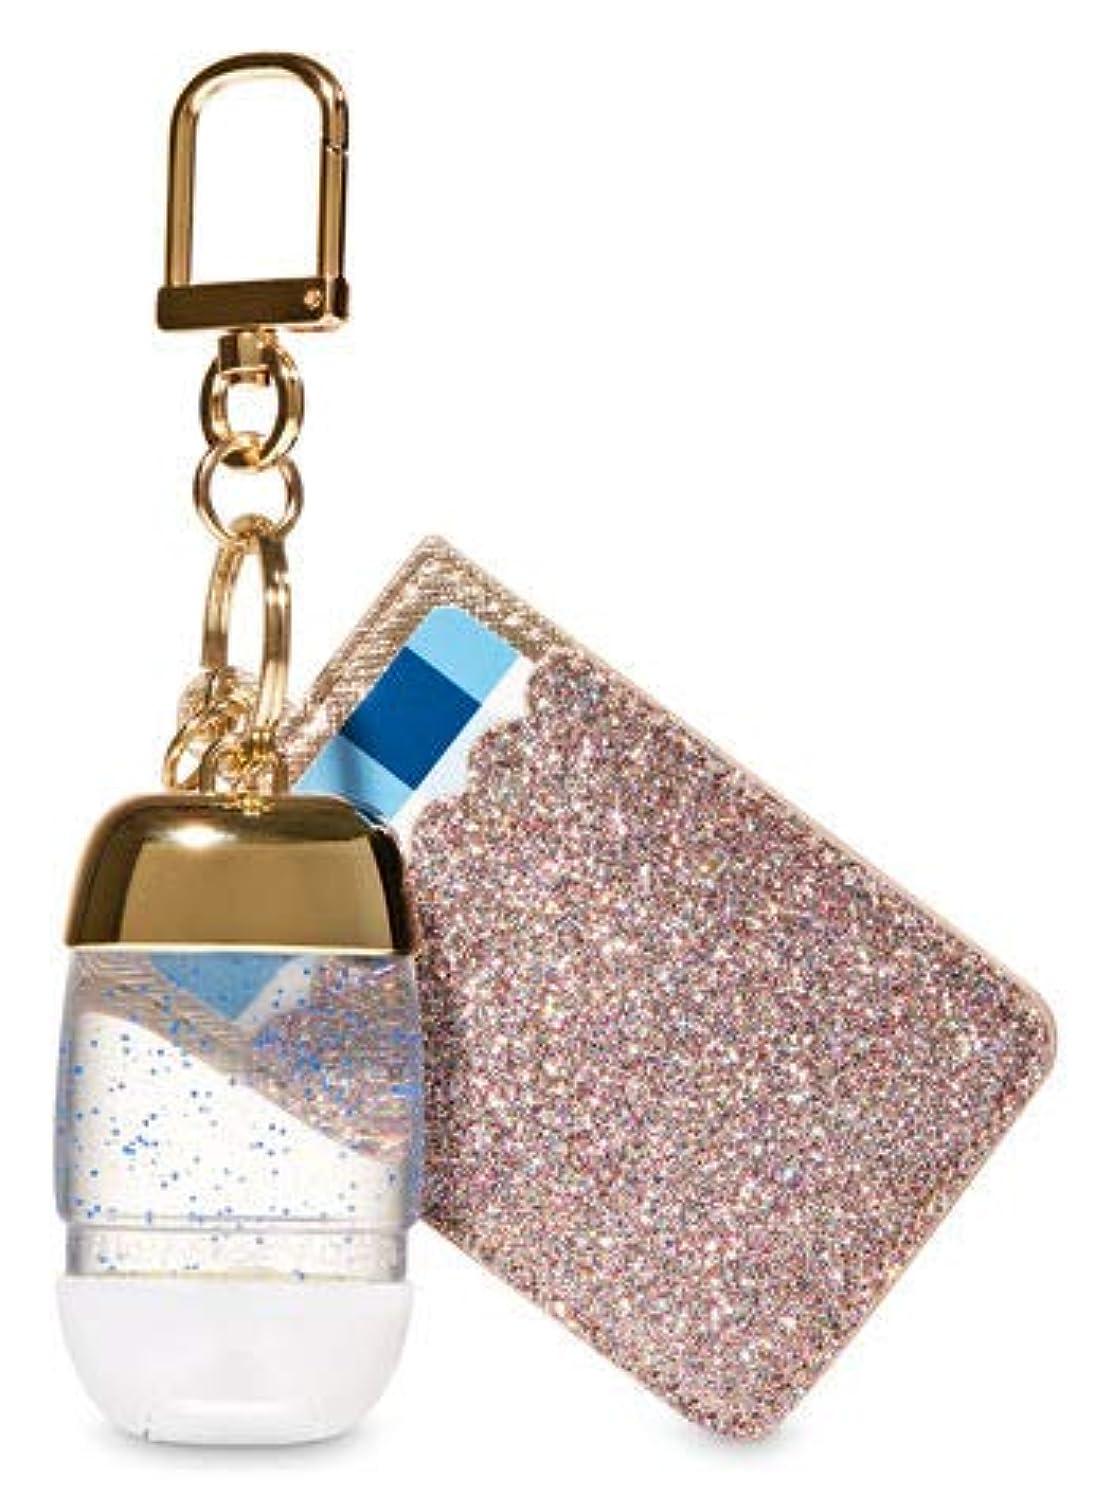 の中で部計算【Bath&Body Works/バス&ボディワークス】 抗菌ハンドジェルホルダー カードケース グリッターゴールド Credit Card & PocketBac Holder Glitterly Gold [並行輸入品]